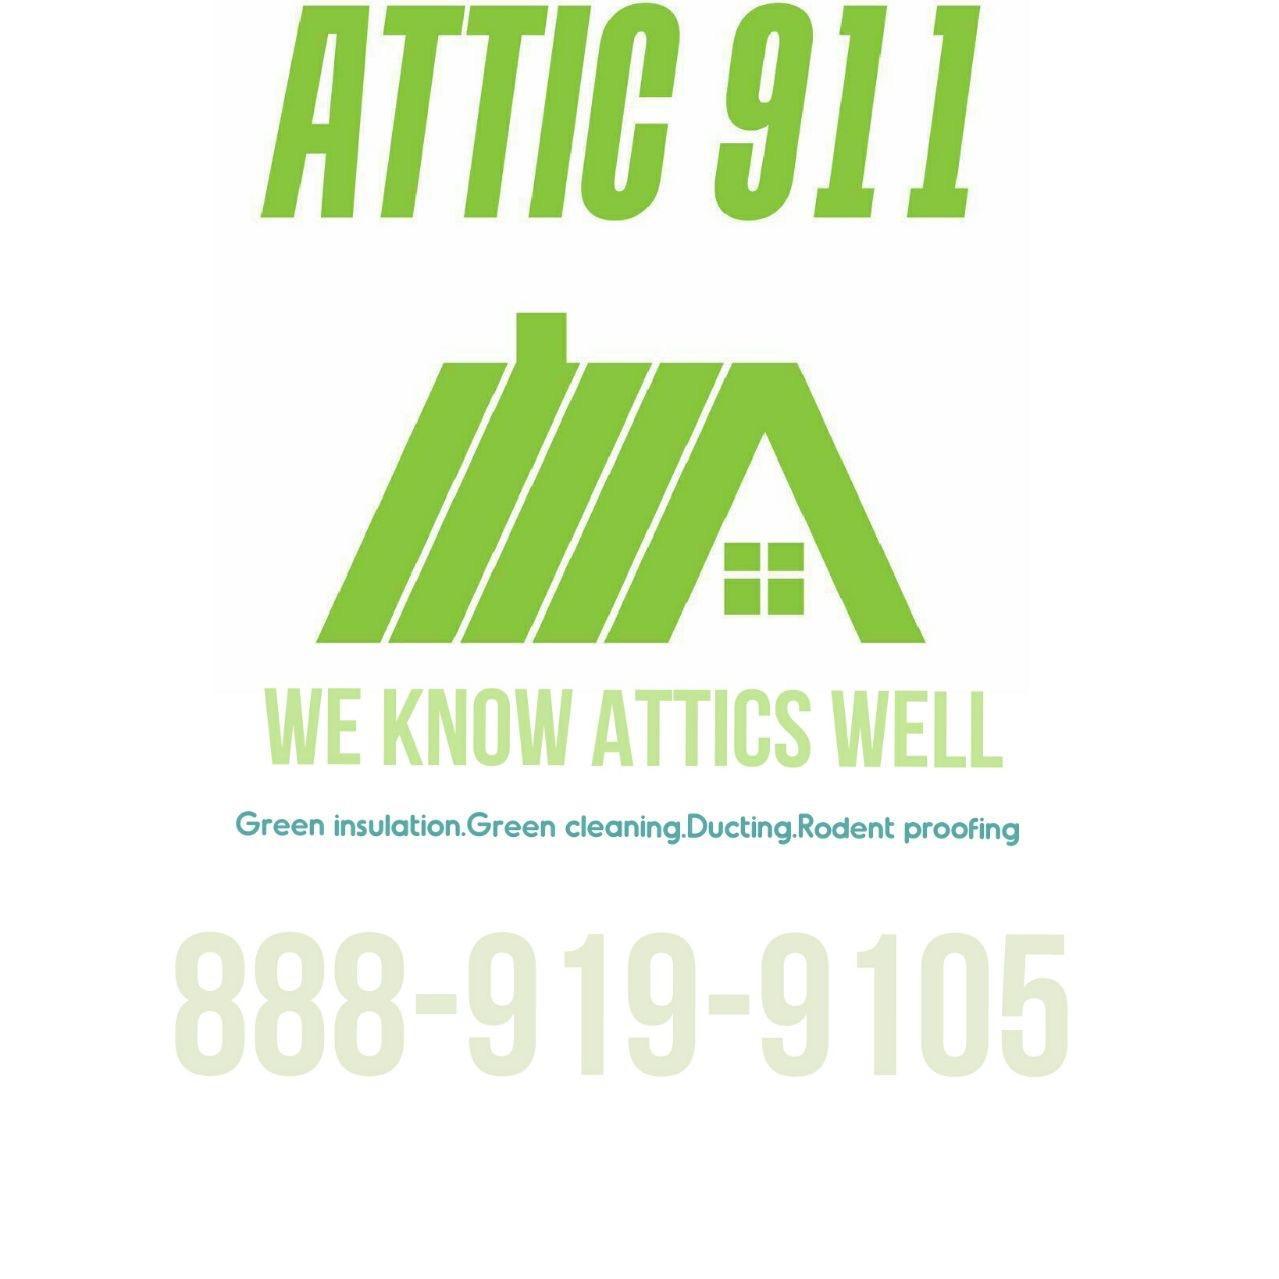 attic 911 service